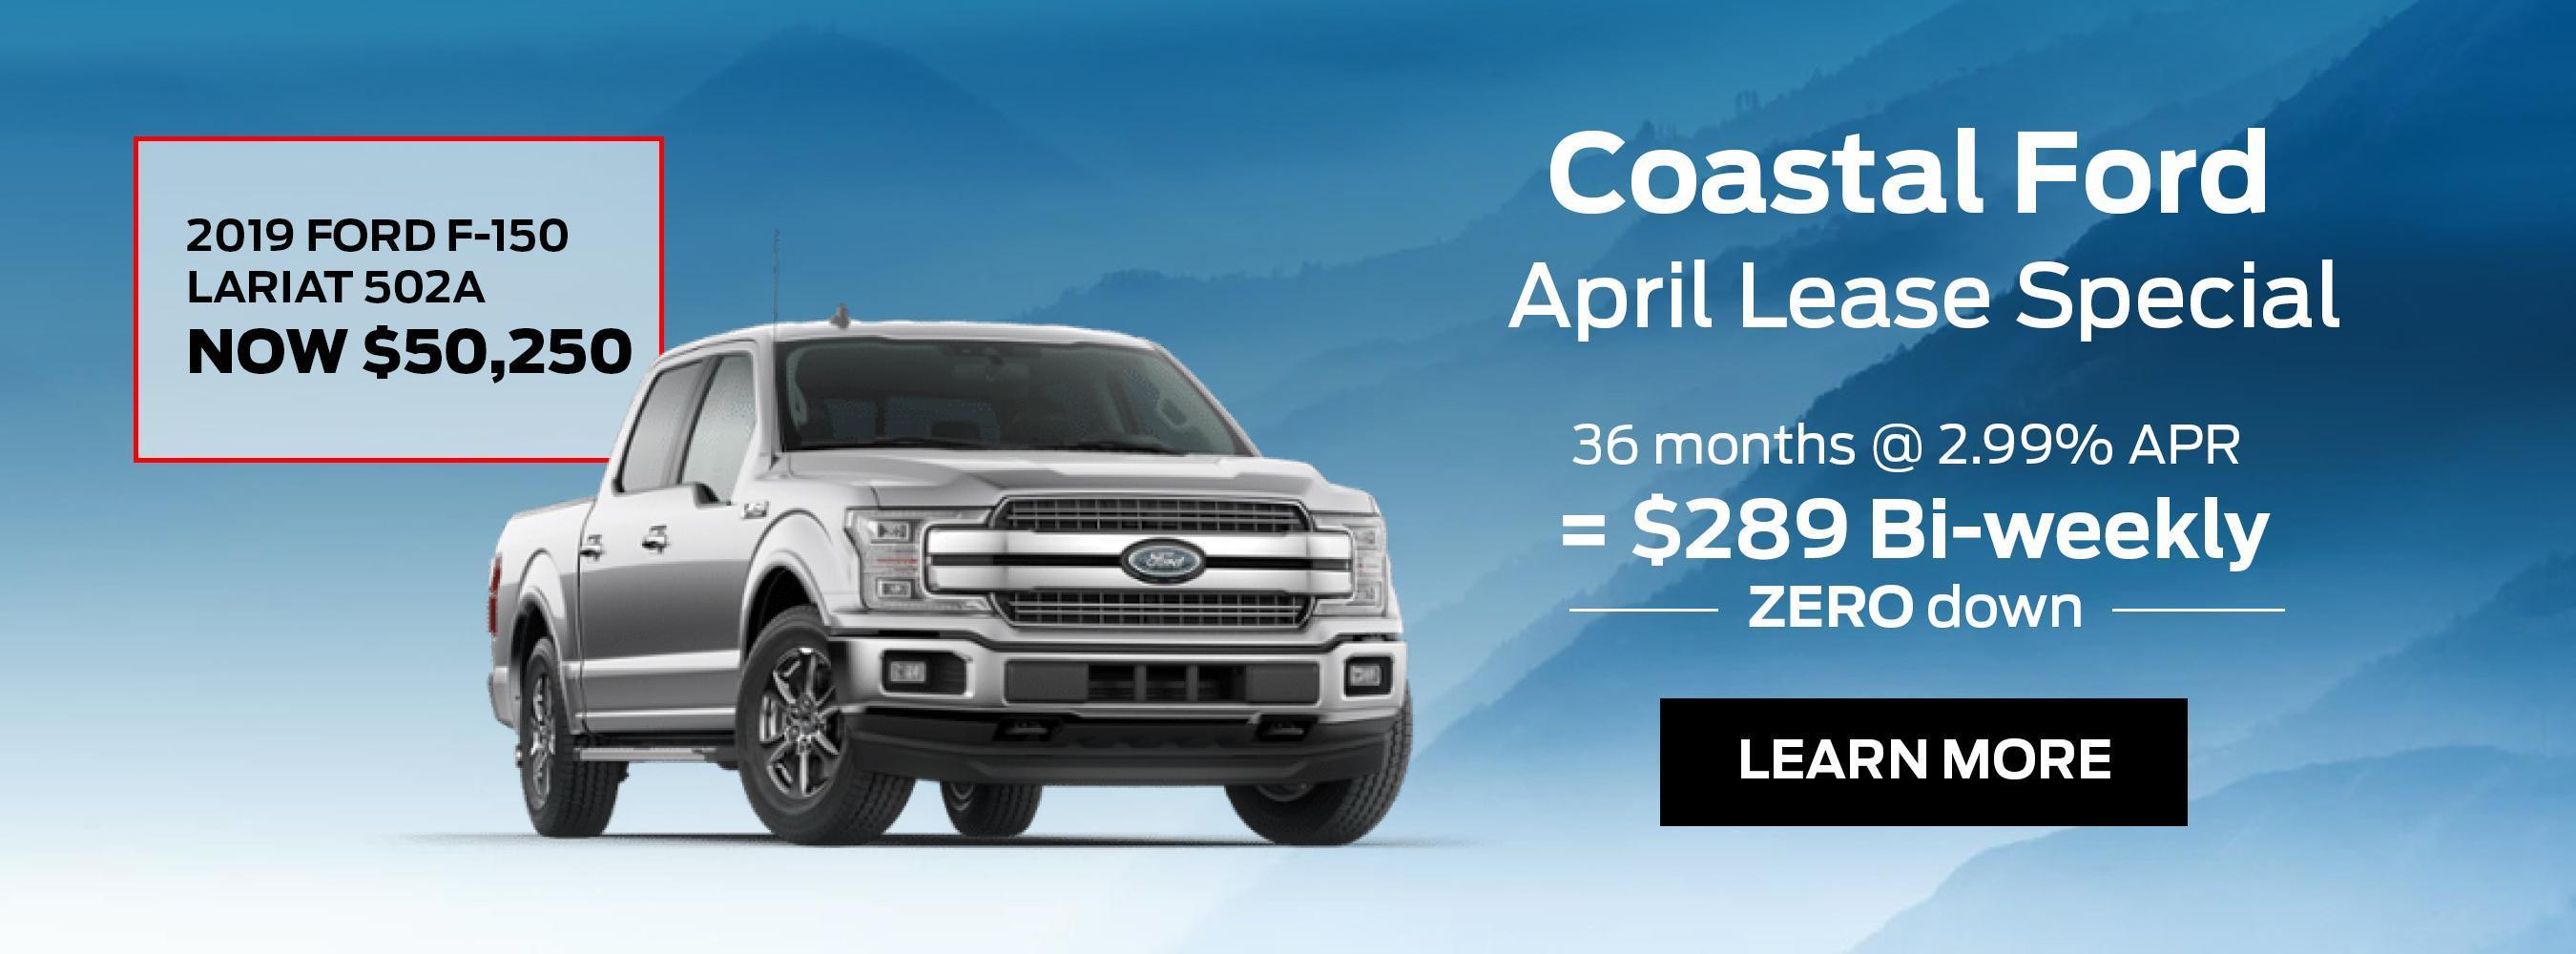 April lease